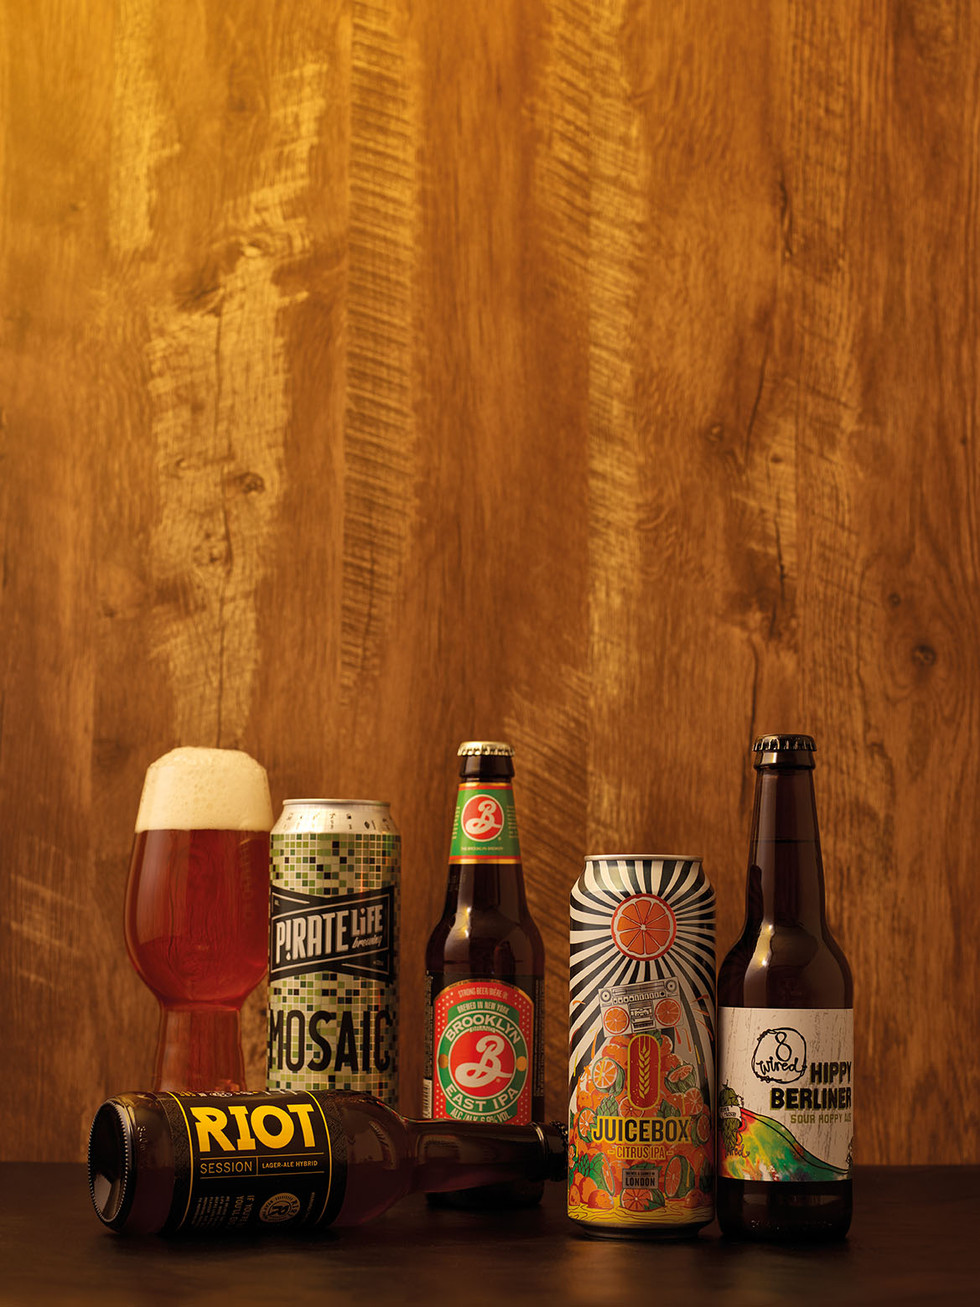 03 - Craft beer appreciation